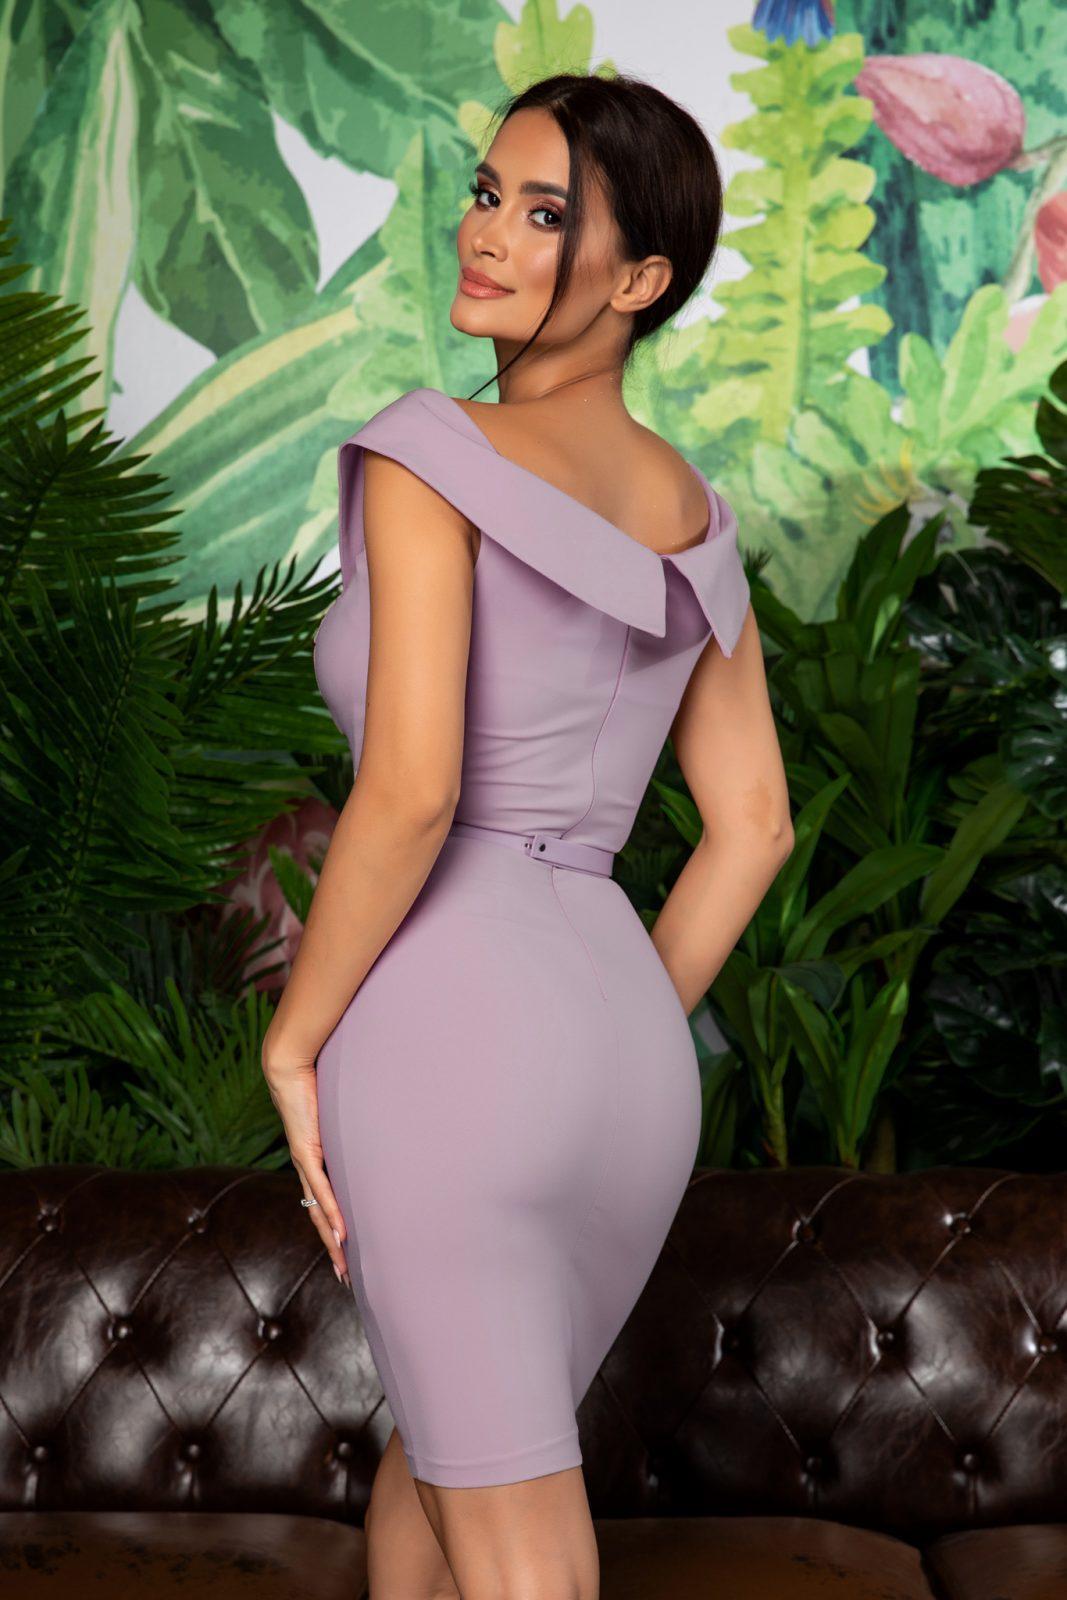 Λιλά Φόρεμα Σε Εφαρμοστή Γραμμή Edwina 8073 1